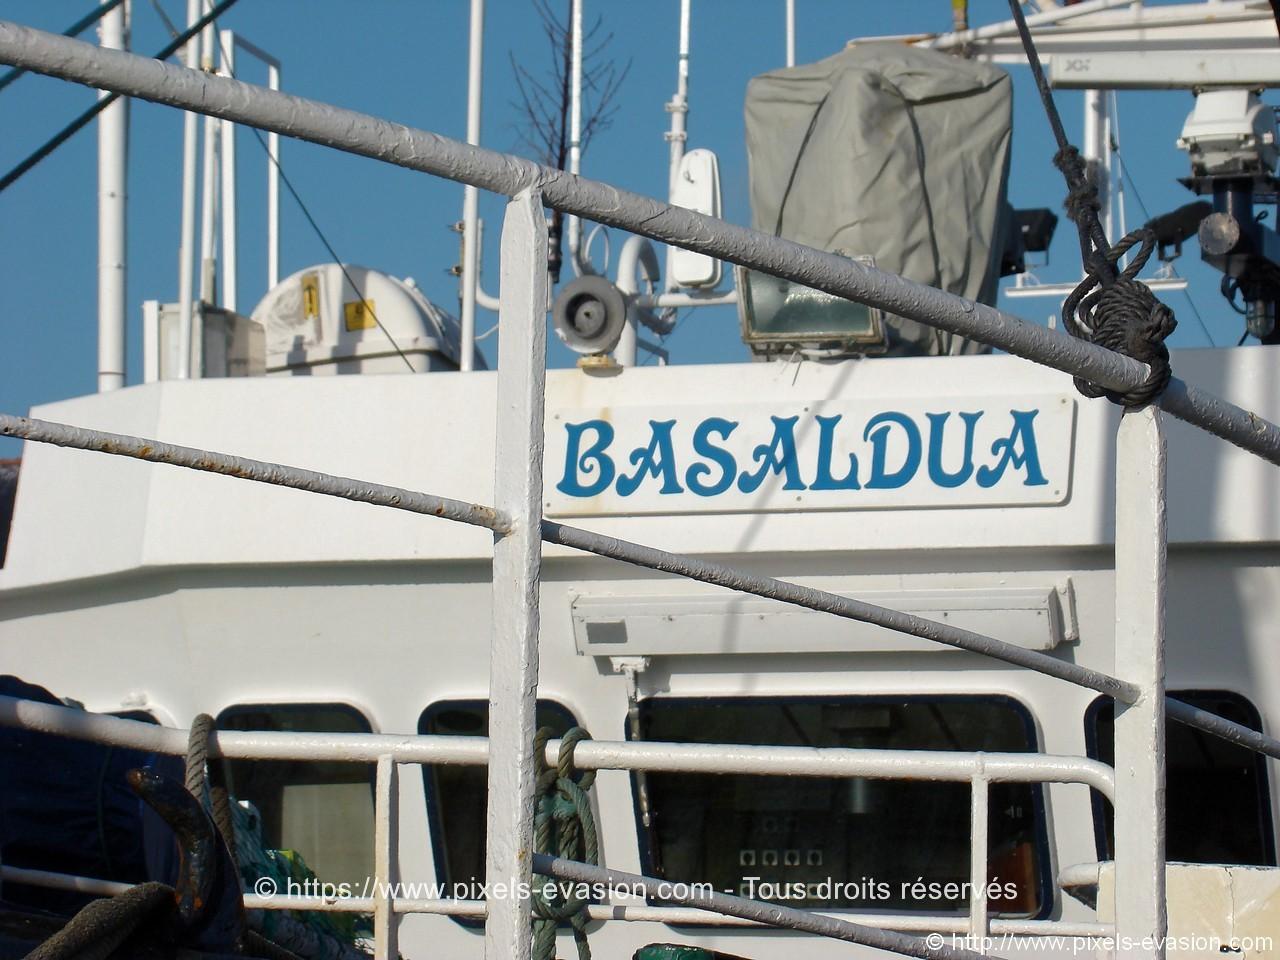 Basaldua (3-FE-3-1-93)